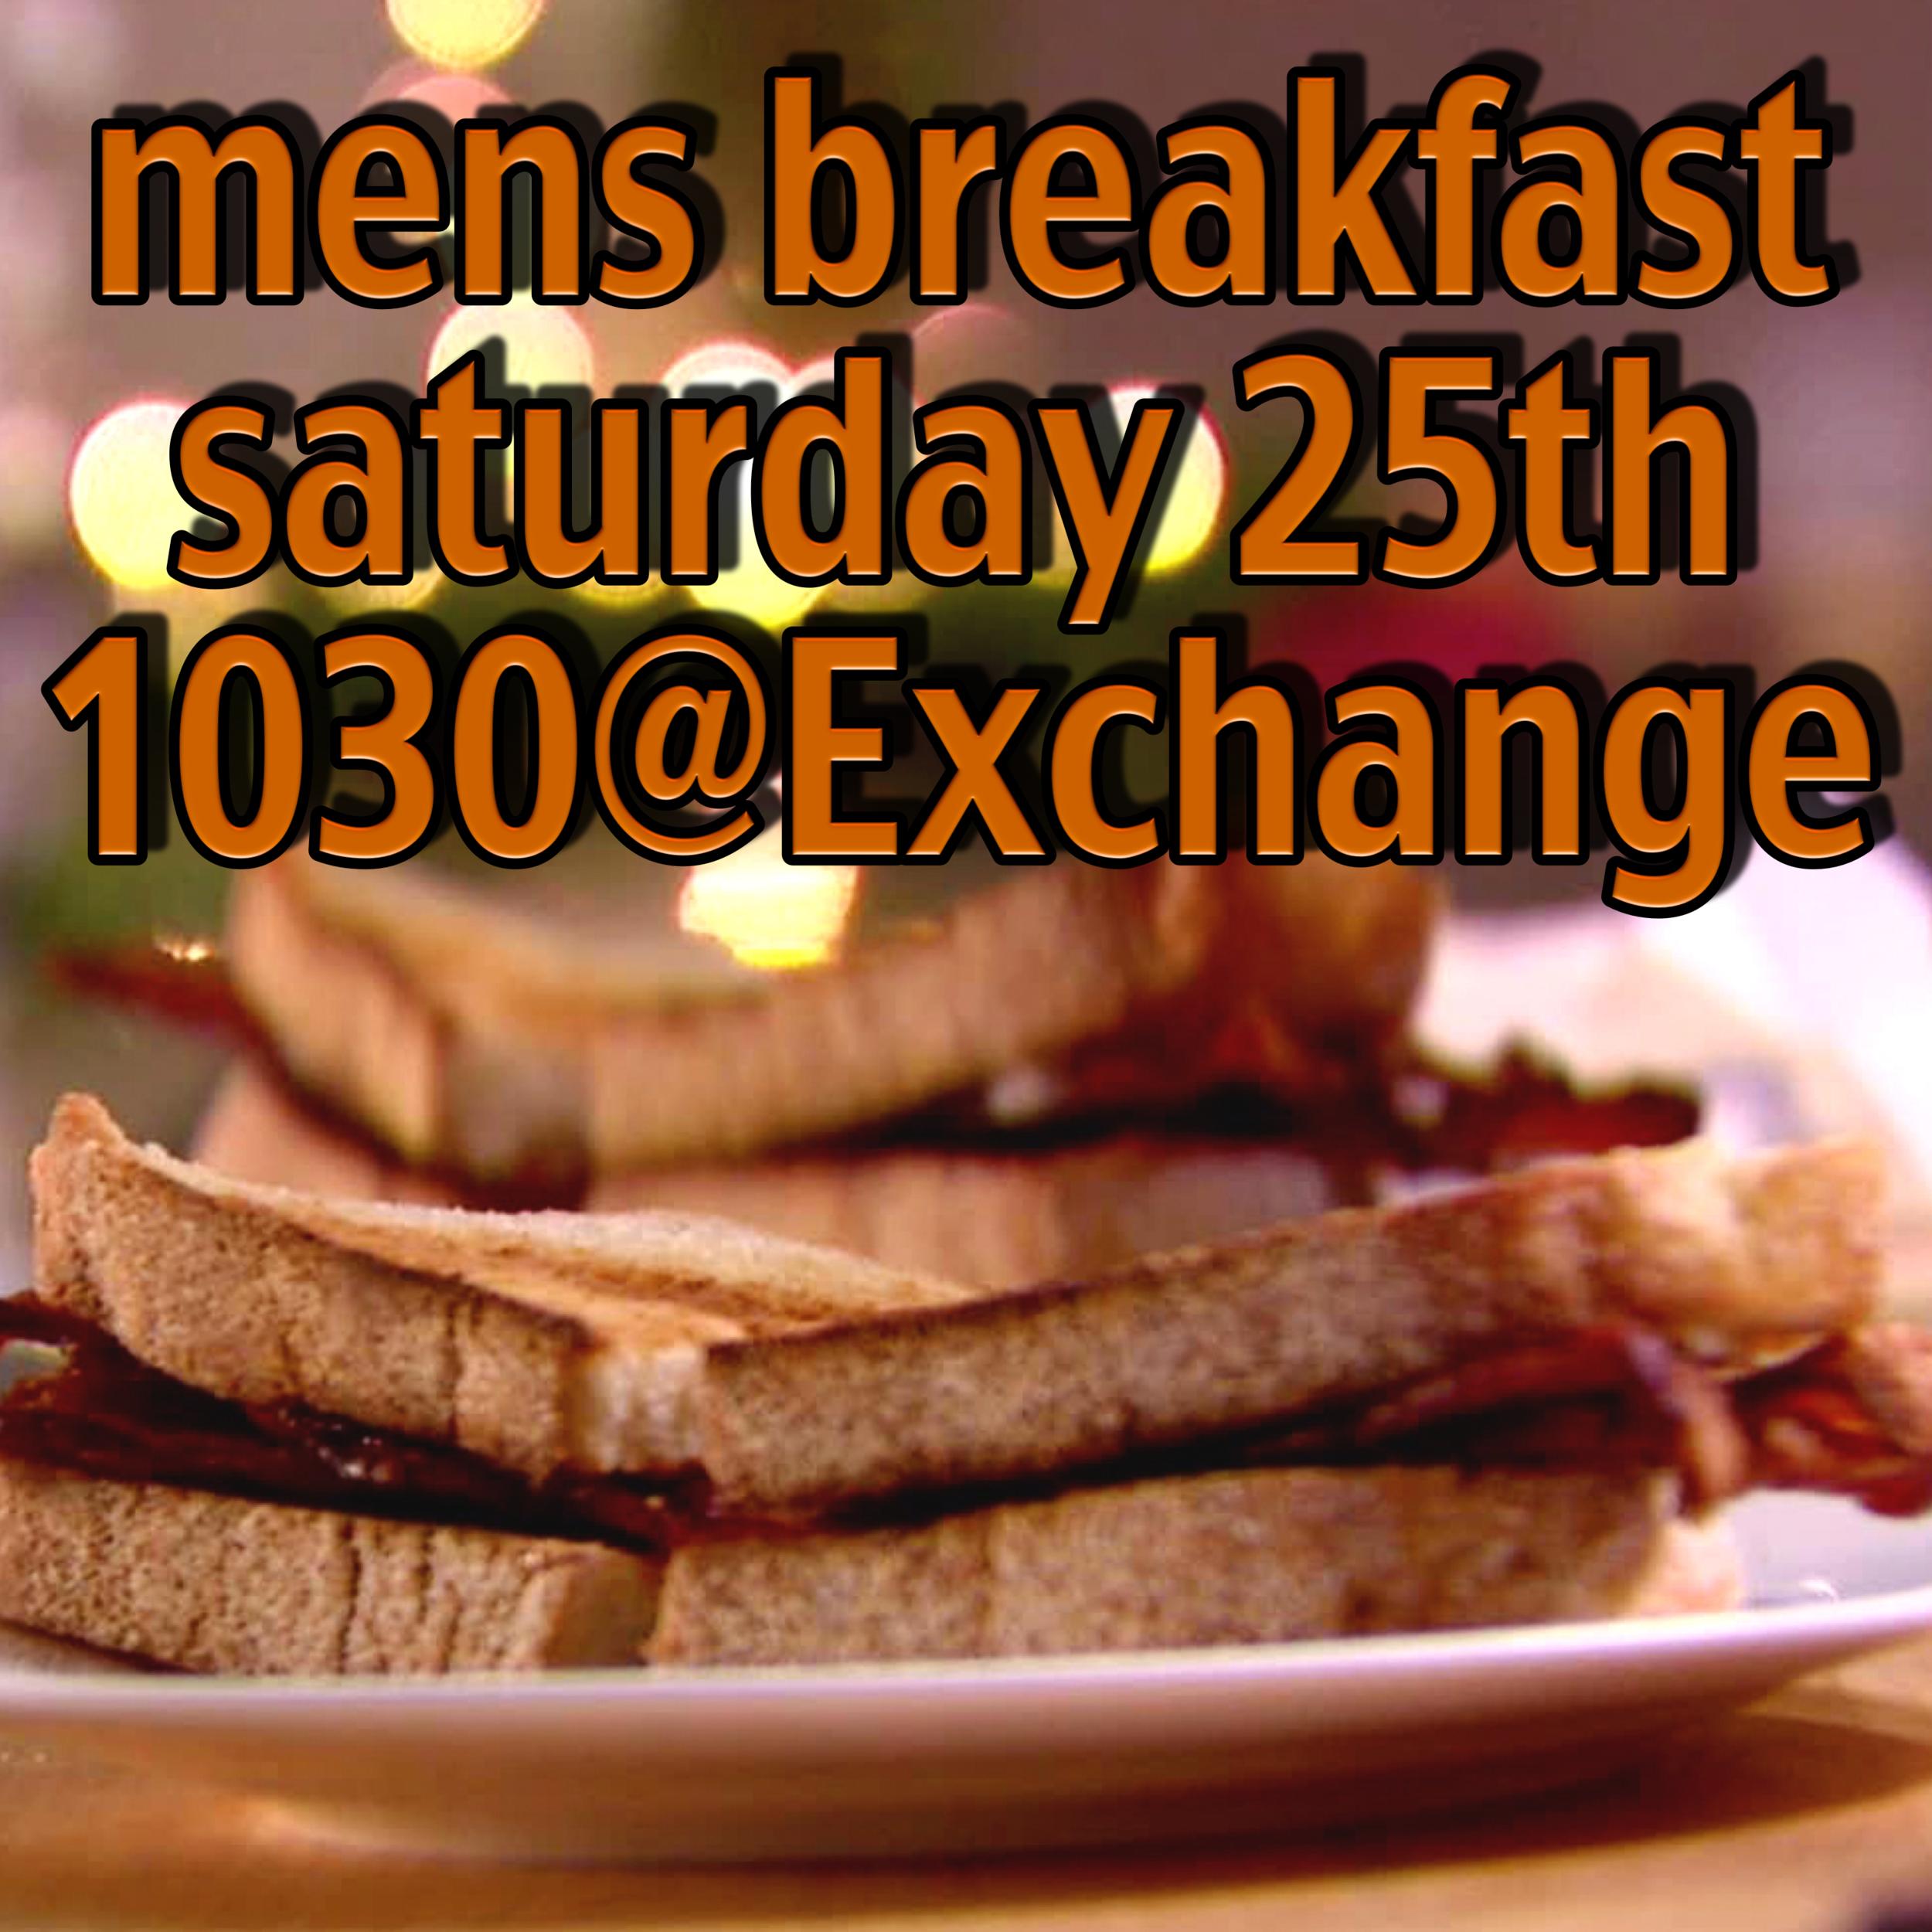 mens breakfast.png